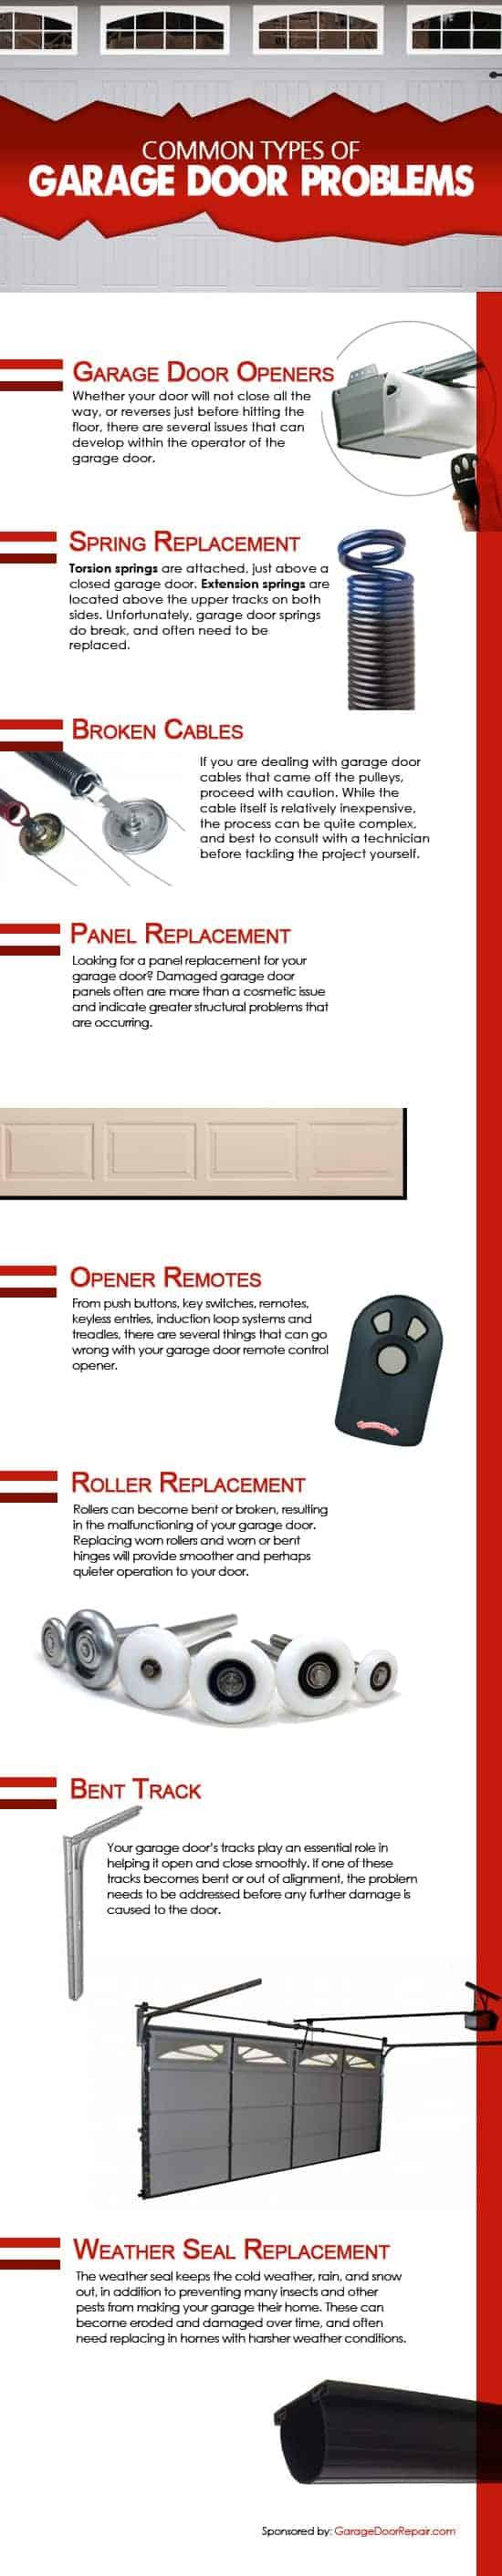 Common Types of Garage Door Problems Infographic